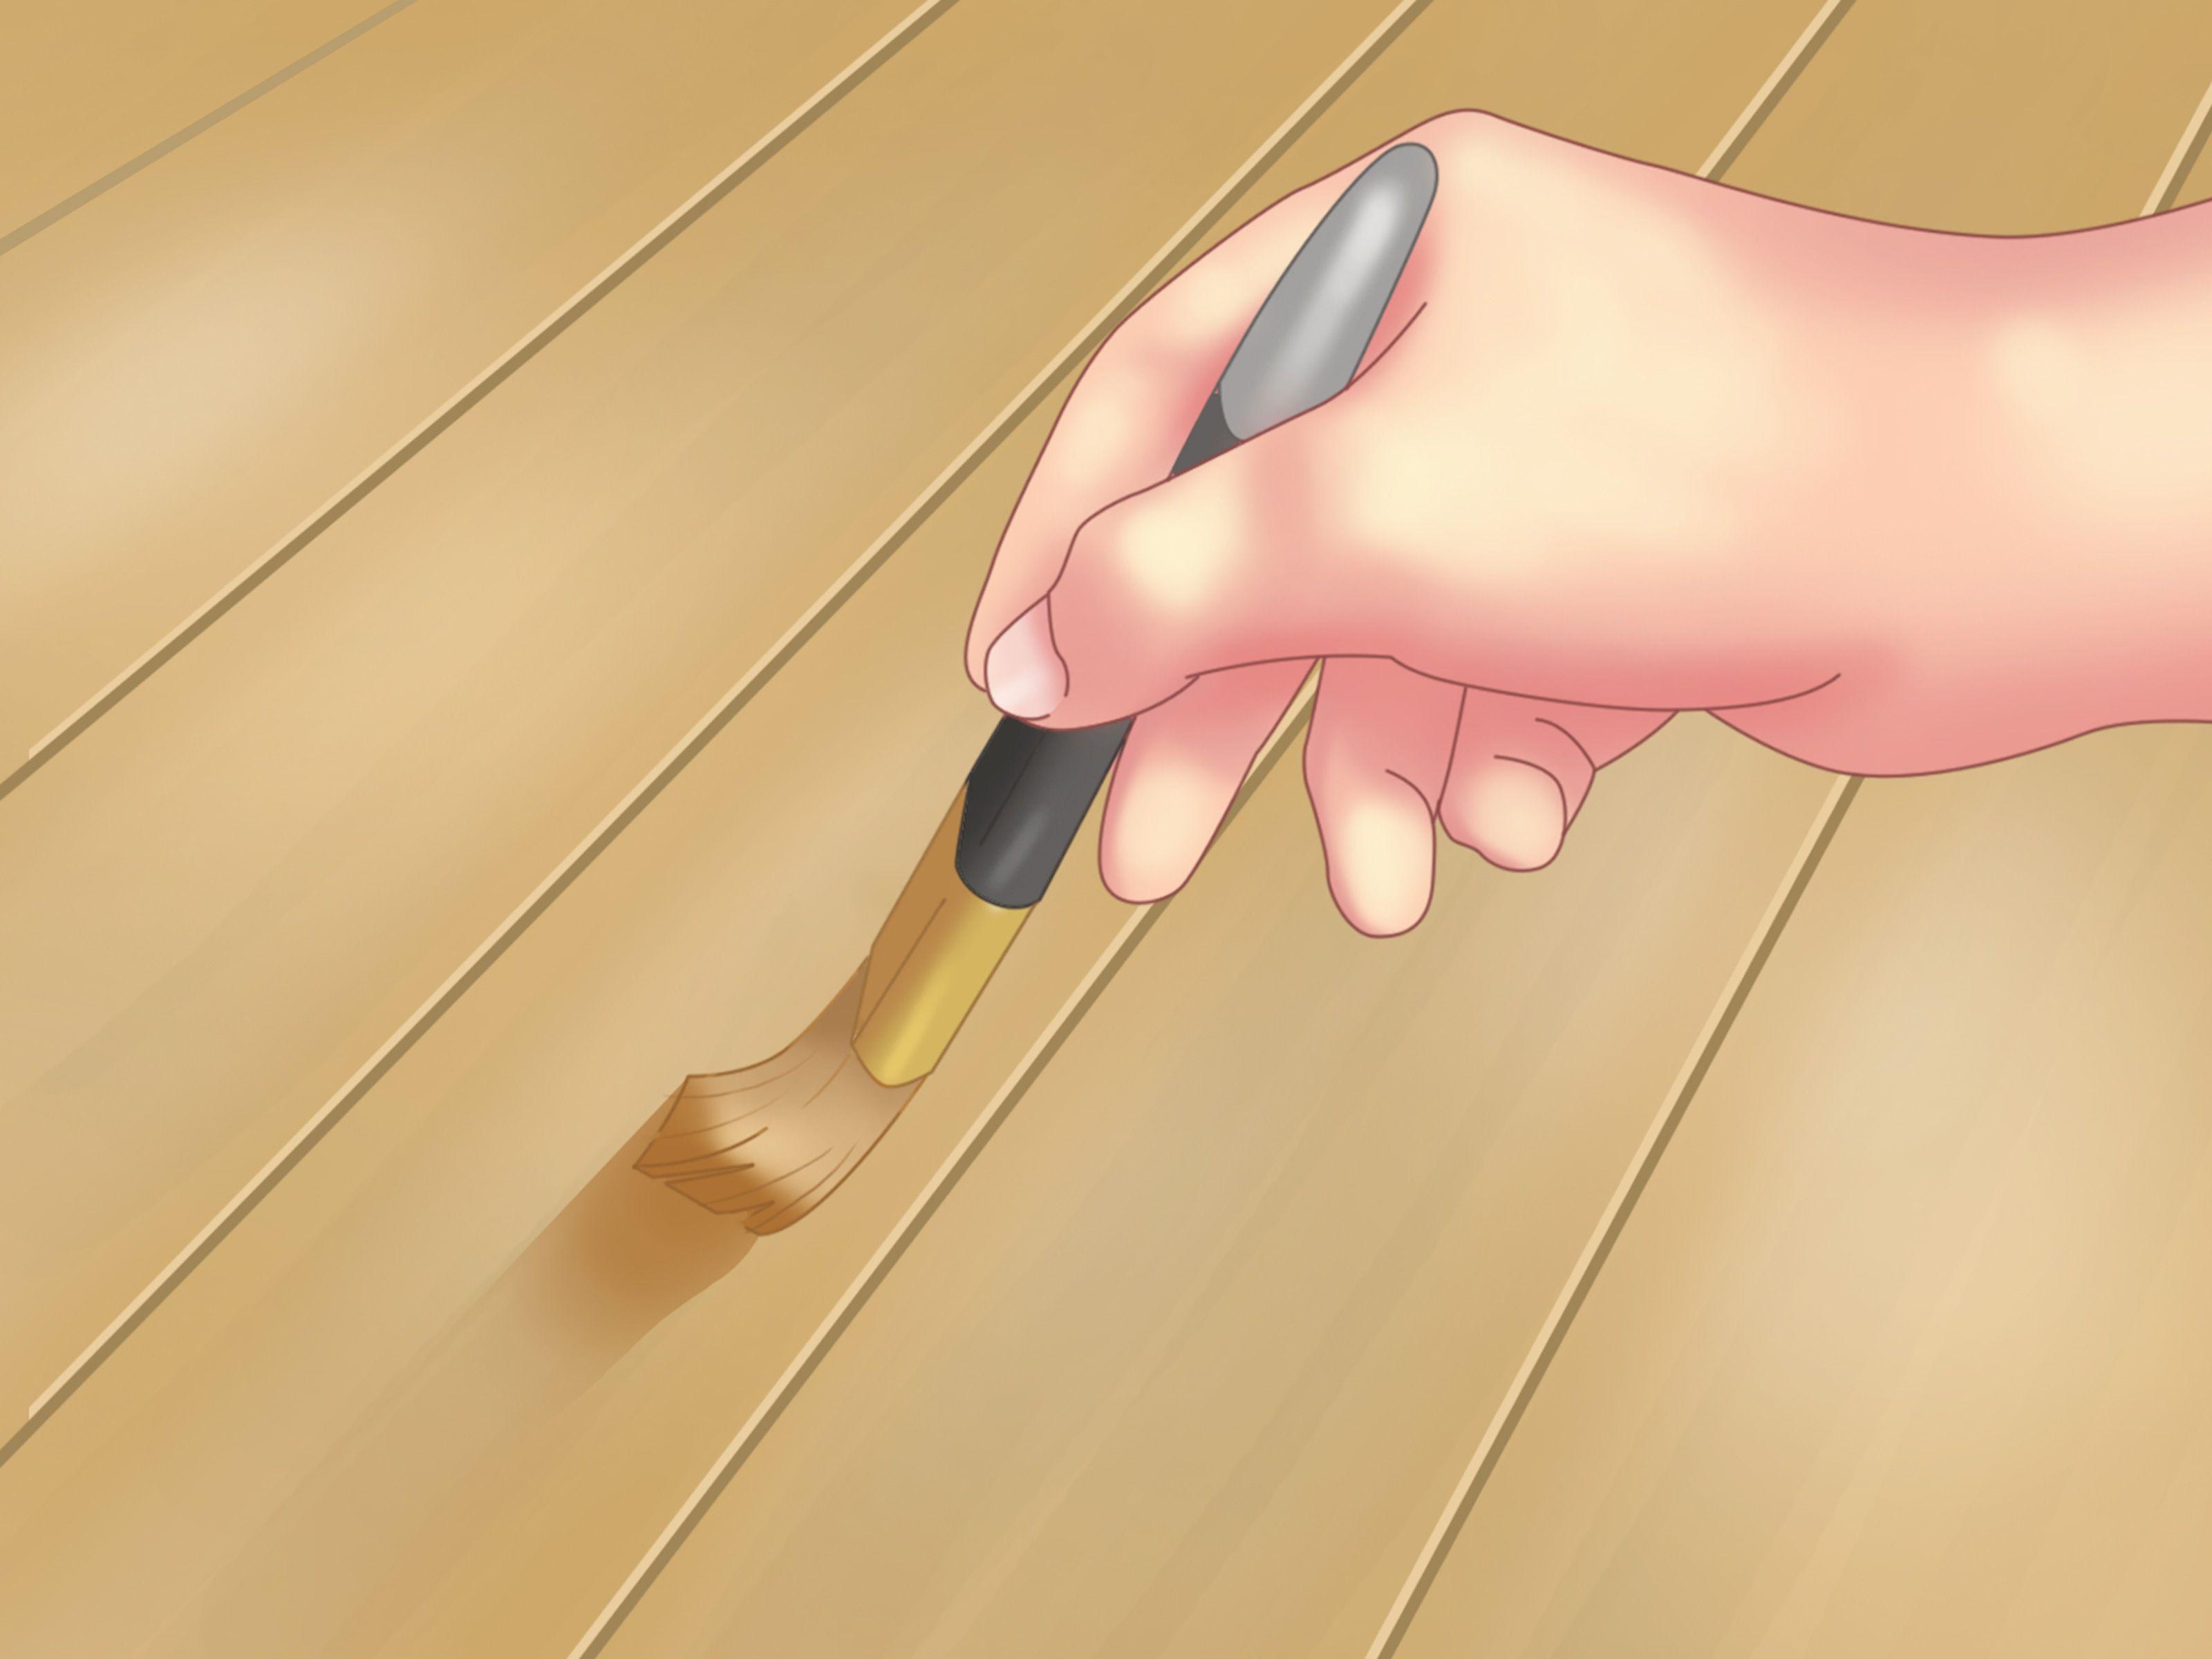 Come Si Ripara Il Parquet sistemare i graffi sui pavimenti di parquet | pulizia legno